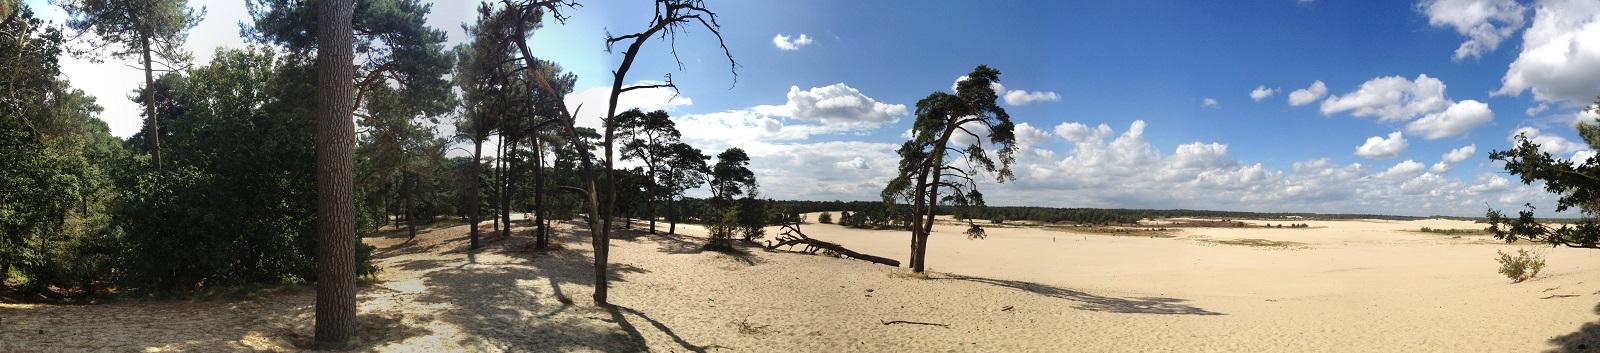 Duurzaamheidsvisie gemeente Loon op Zand